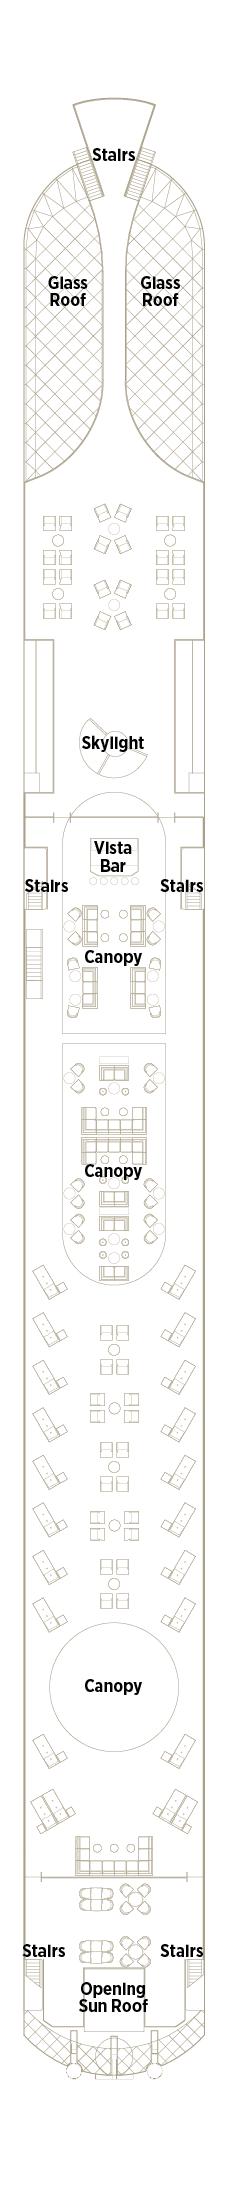 Deck 4 - Vista Deck